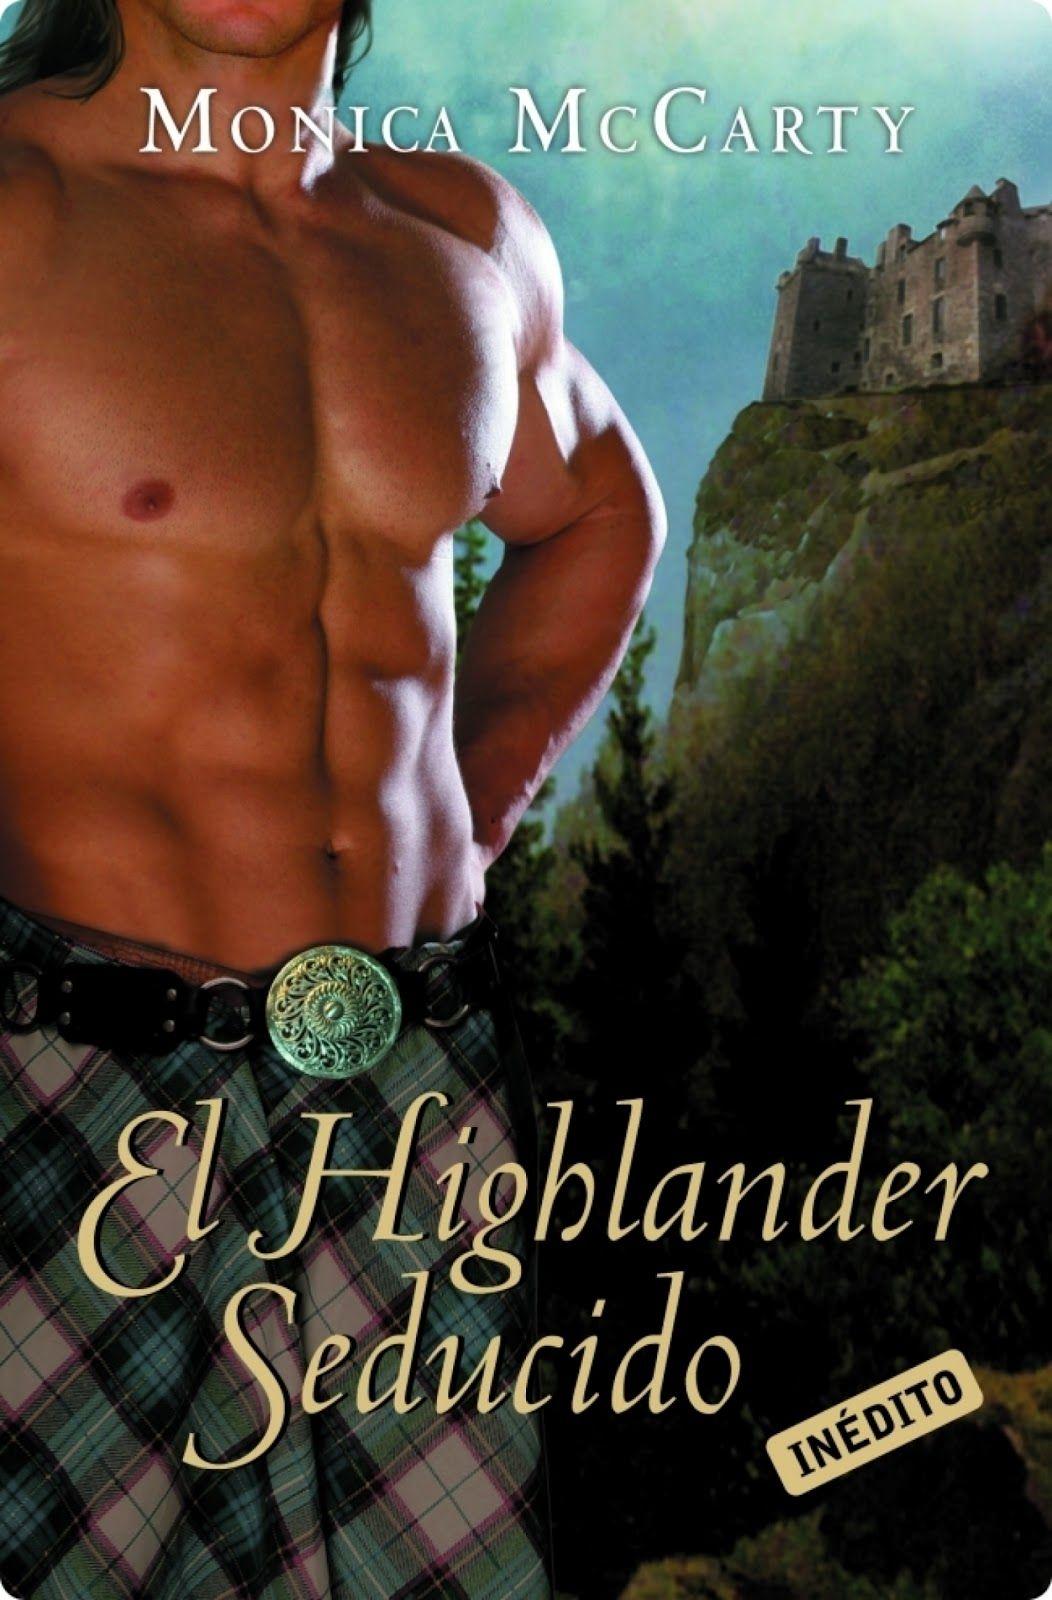 Trilogía MacLeod 3 - El Highlander Seducido